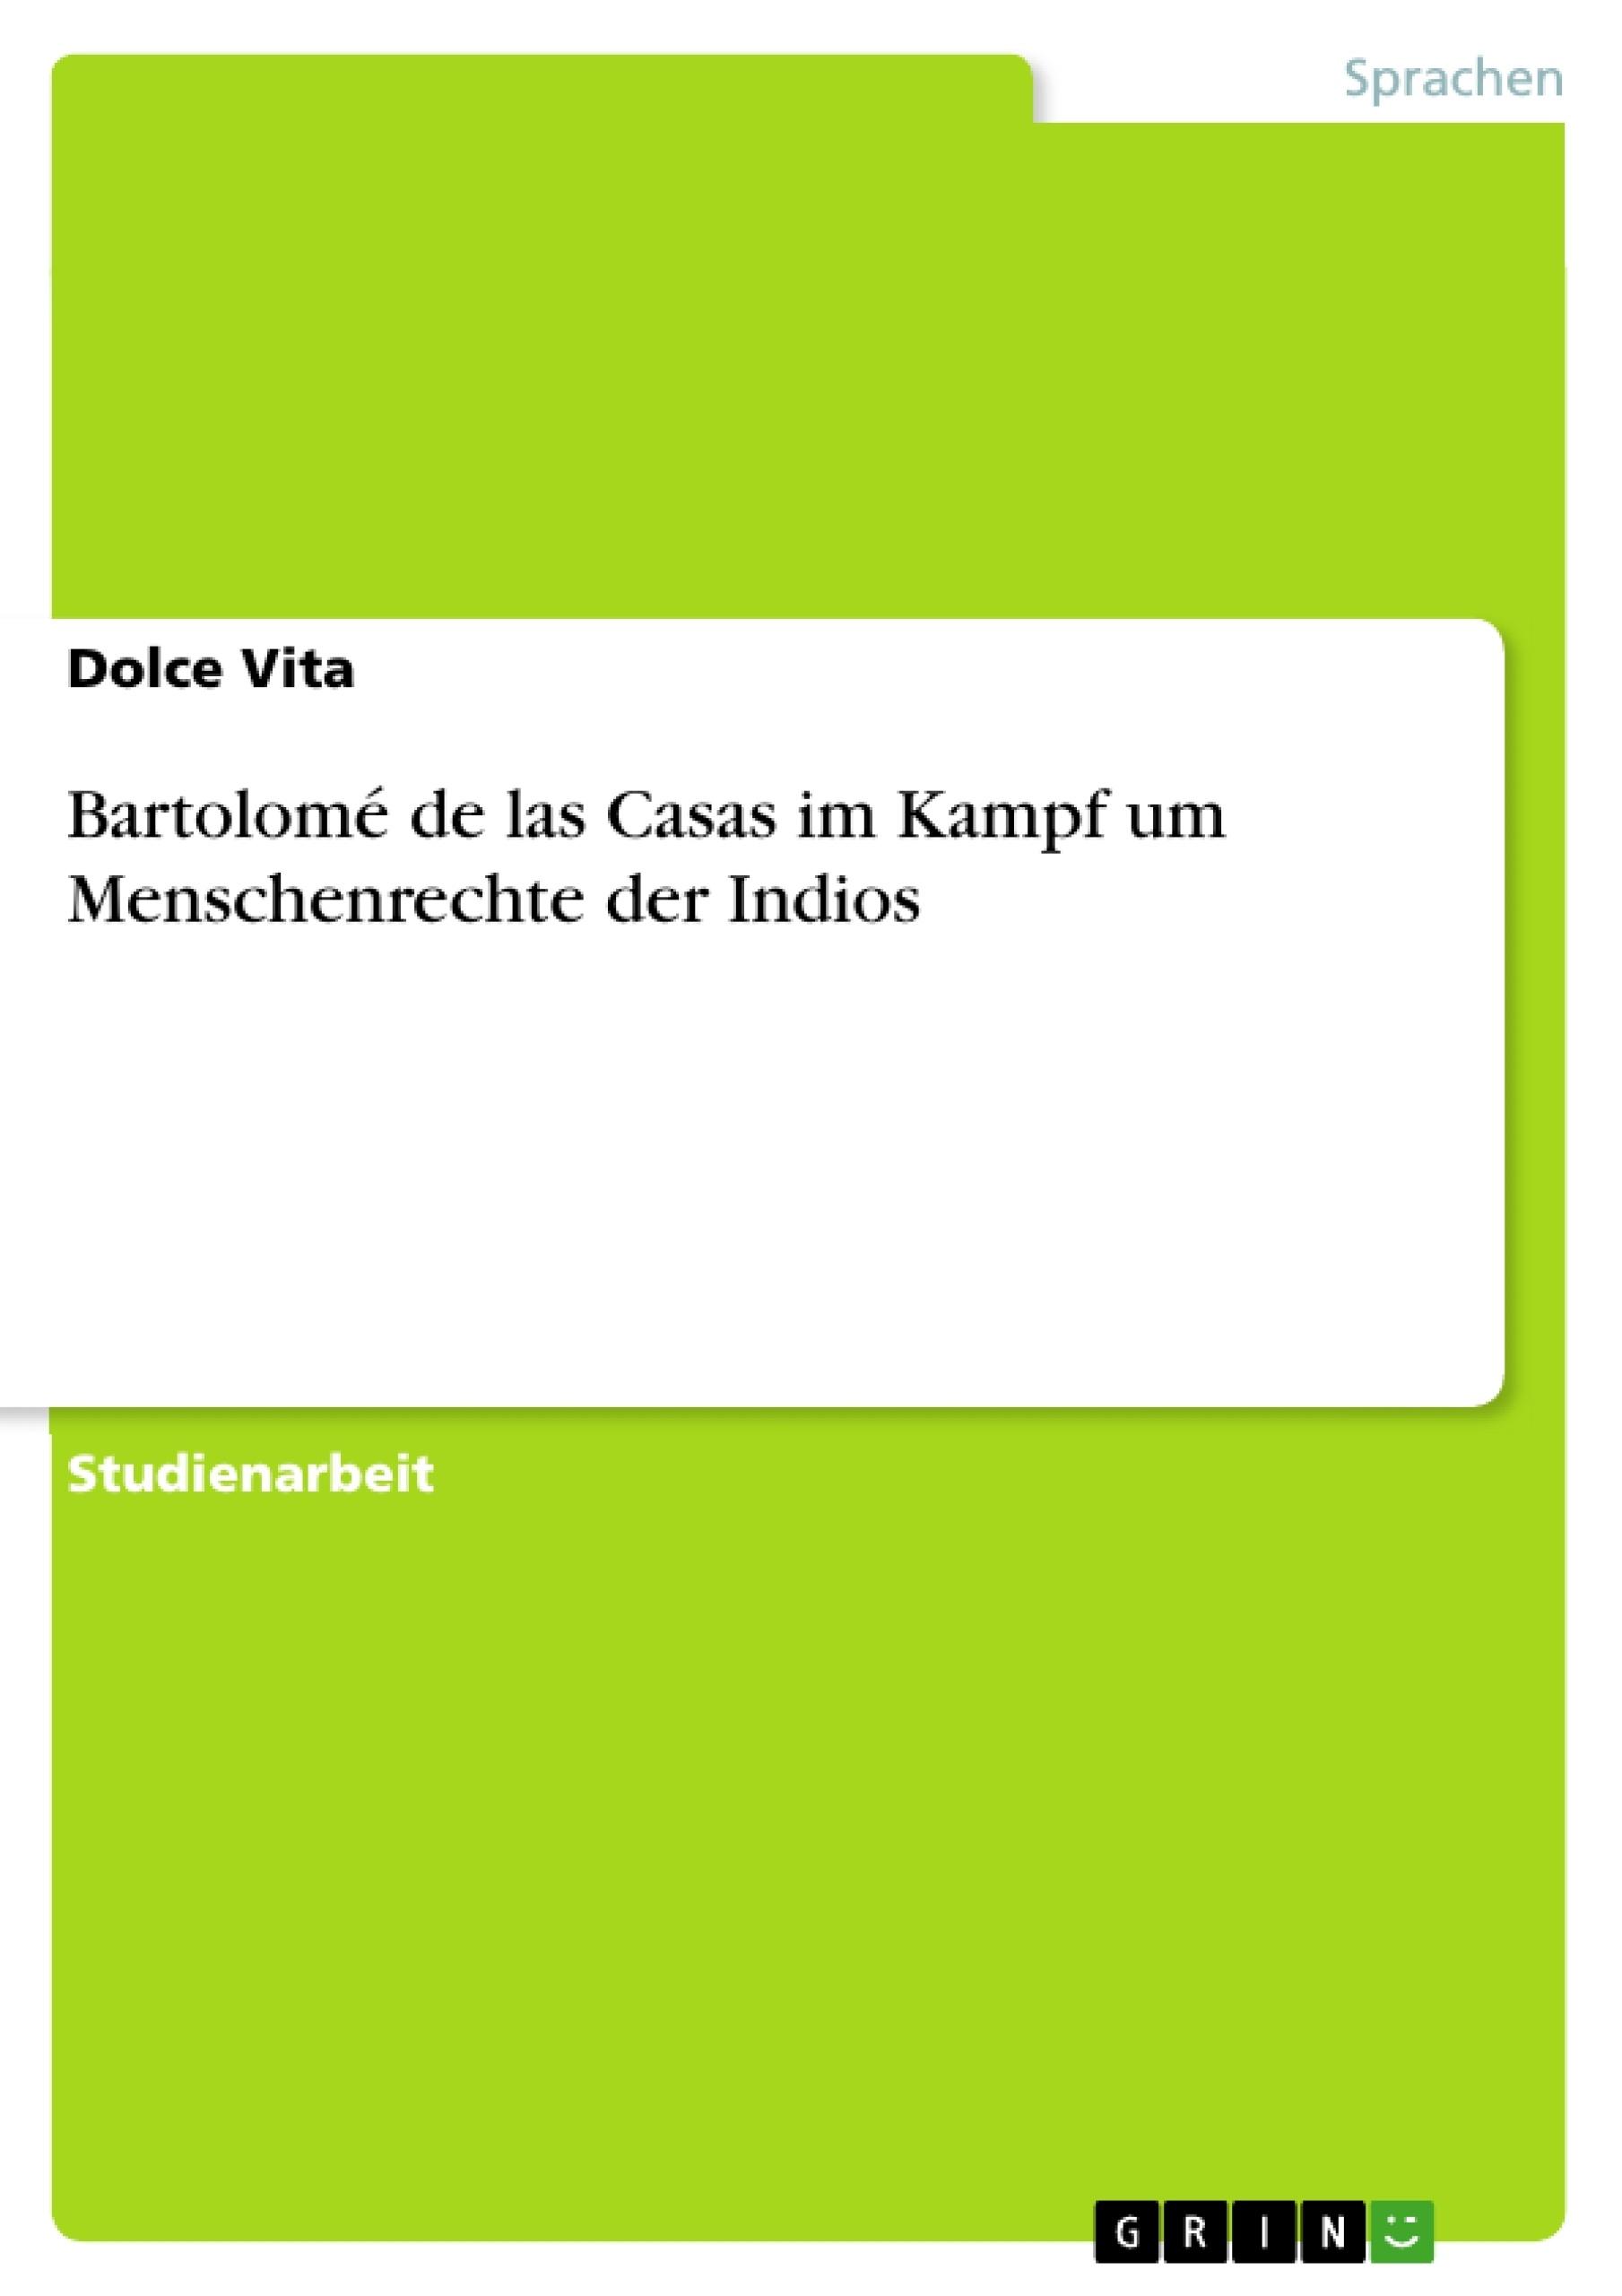 Titel: Bartolomé de las Casas im Kampf um Menschenrechte der Indios